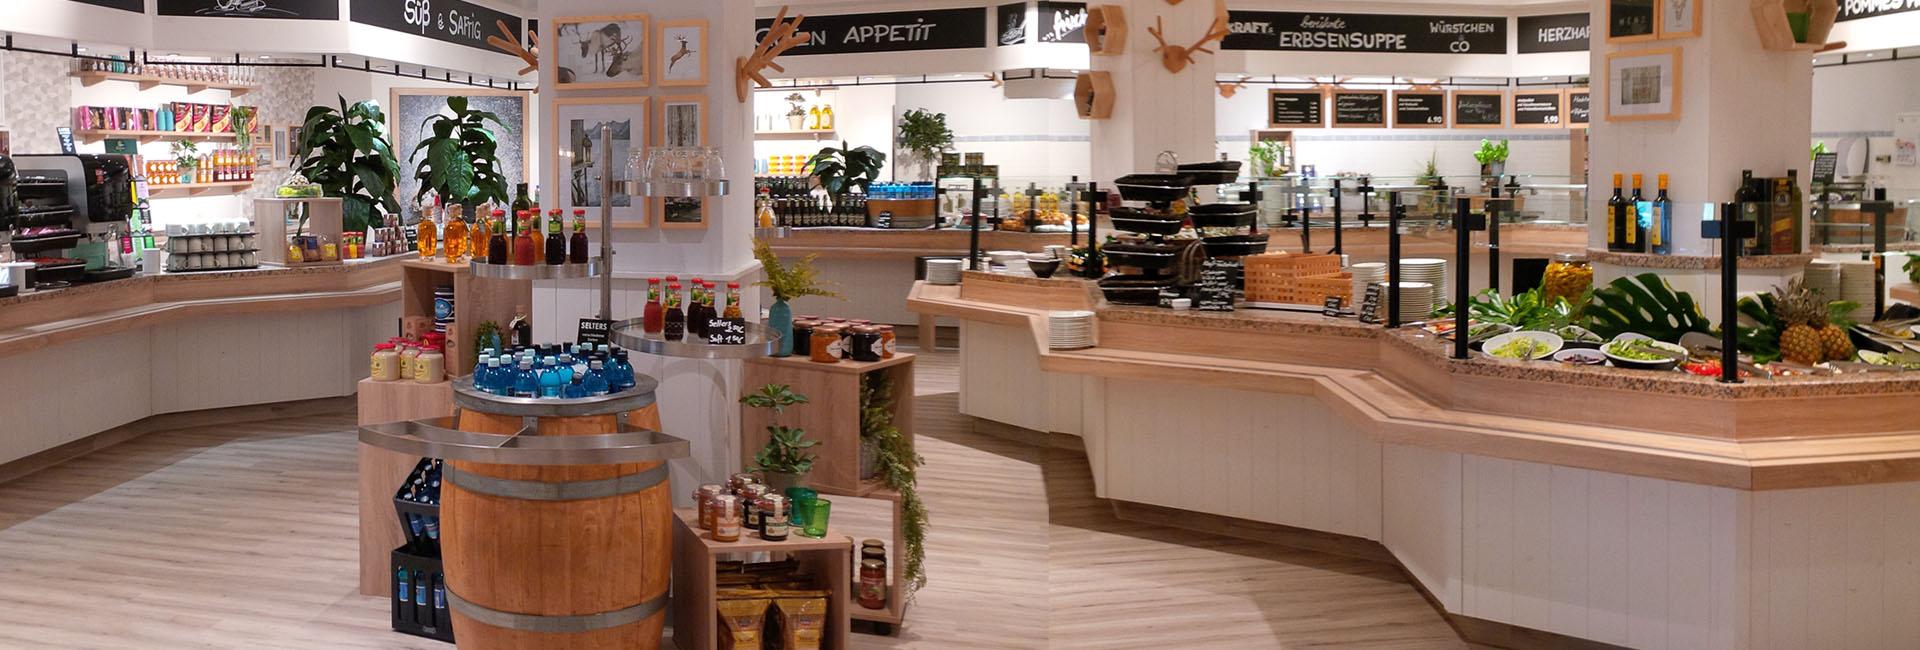 Köstliches Aus Dem Kraft Restaurant Bei Möbel Kraft Online Kaufen